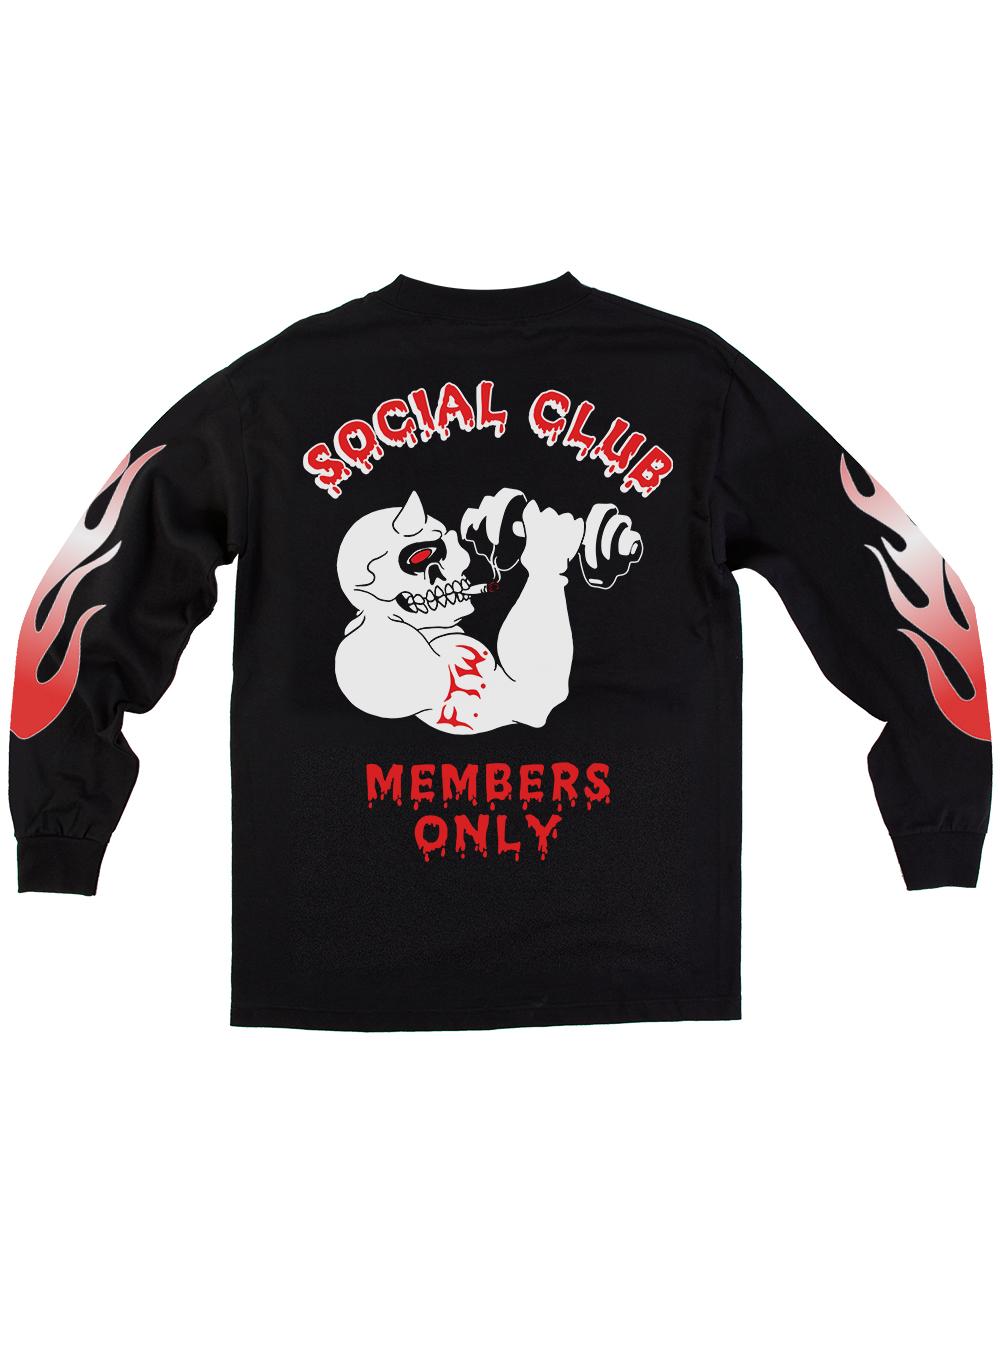 Cyrillic Social Club